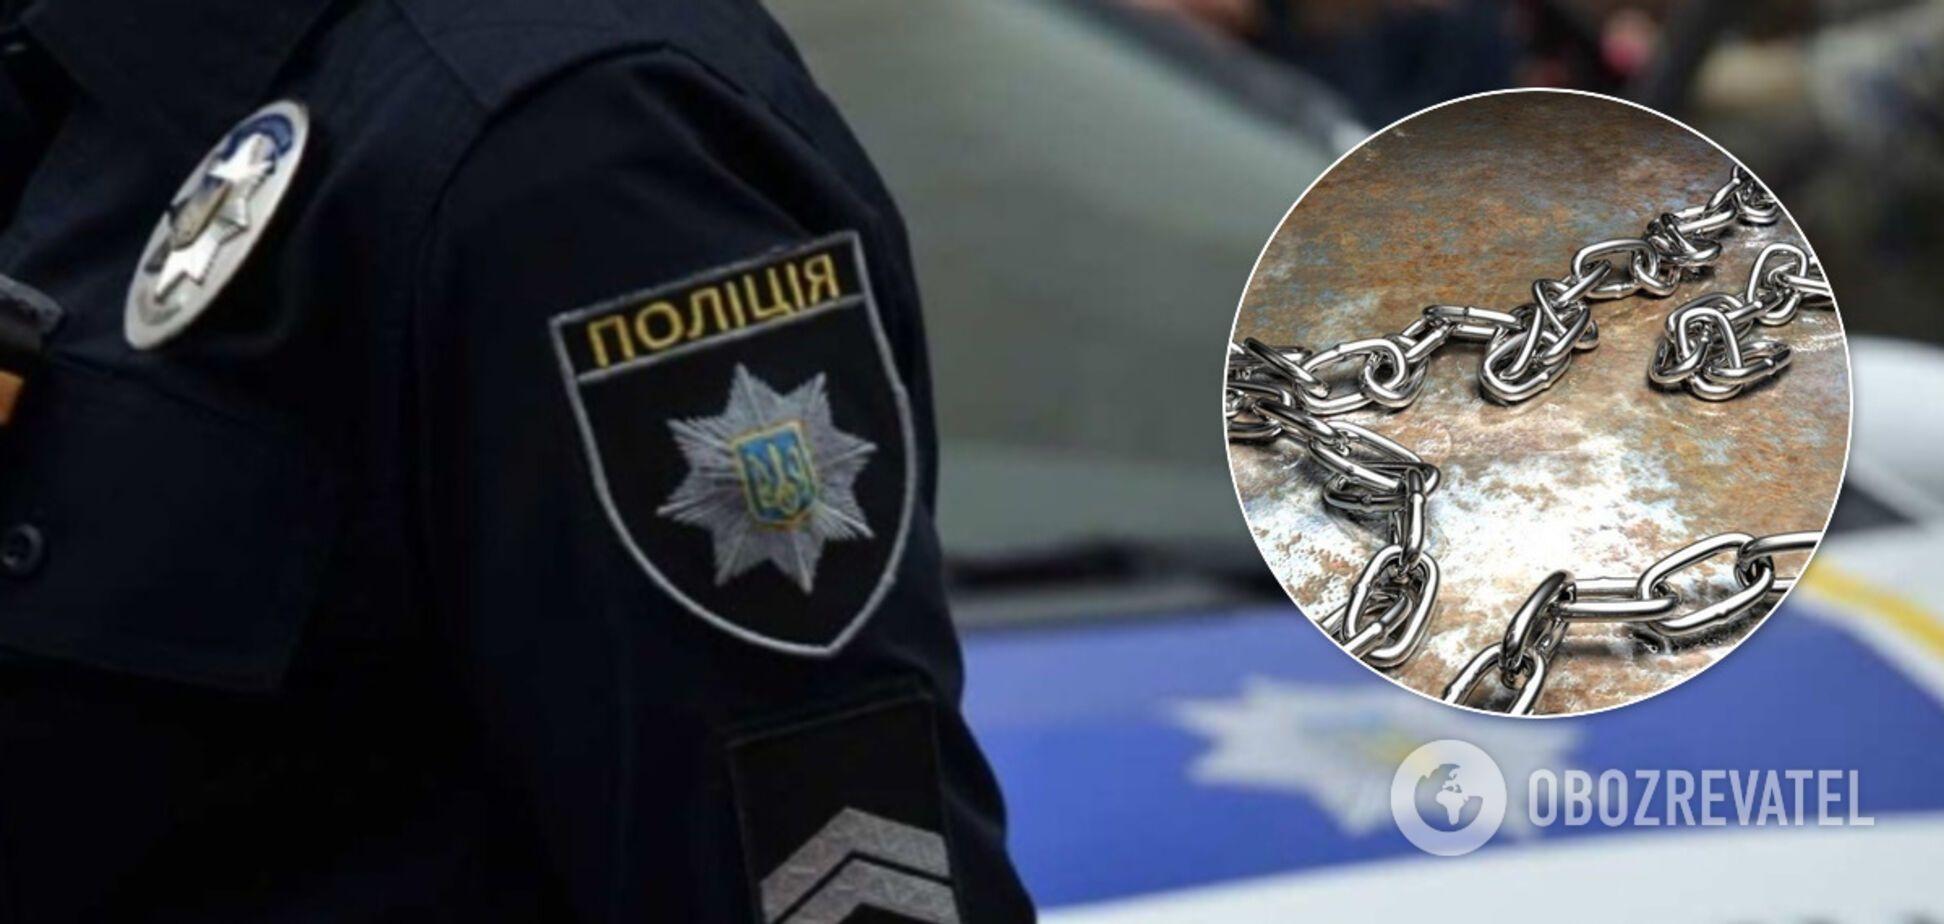 На Луганщині мати посадила свою доньку на ланцюг для 'перевиховання'. Фото знущань